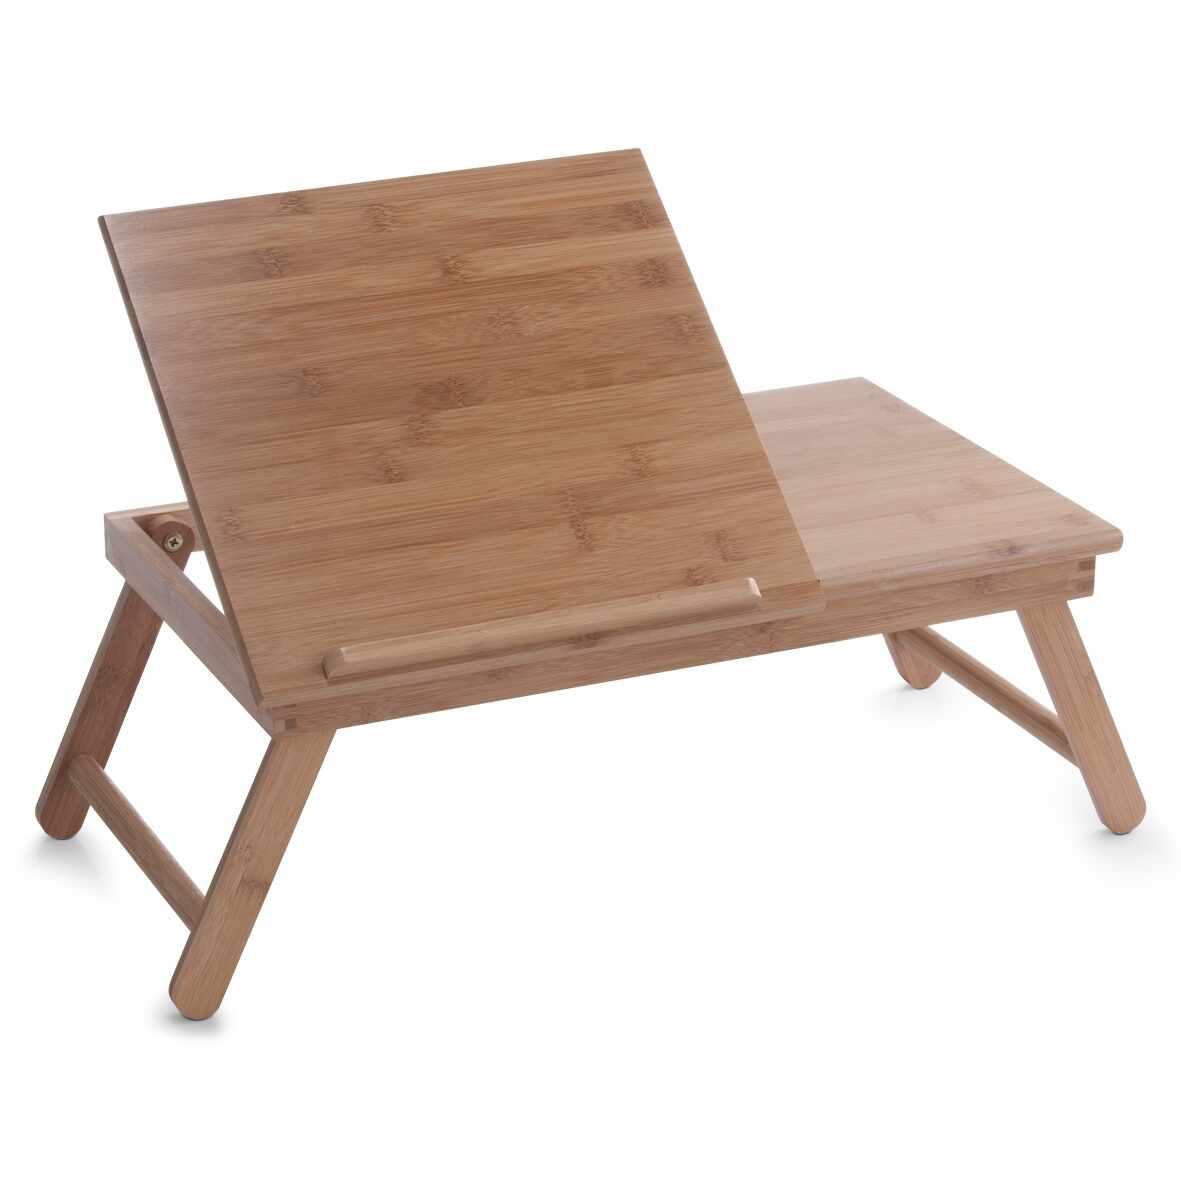 Masuta pentru servire pat, cu suport de carte, Natural Bamboo, L55xl33xH21,5 cm la pret 209 lei